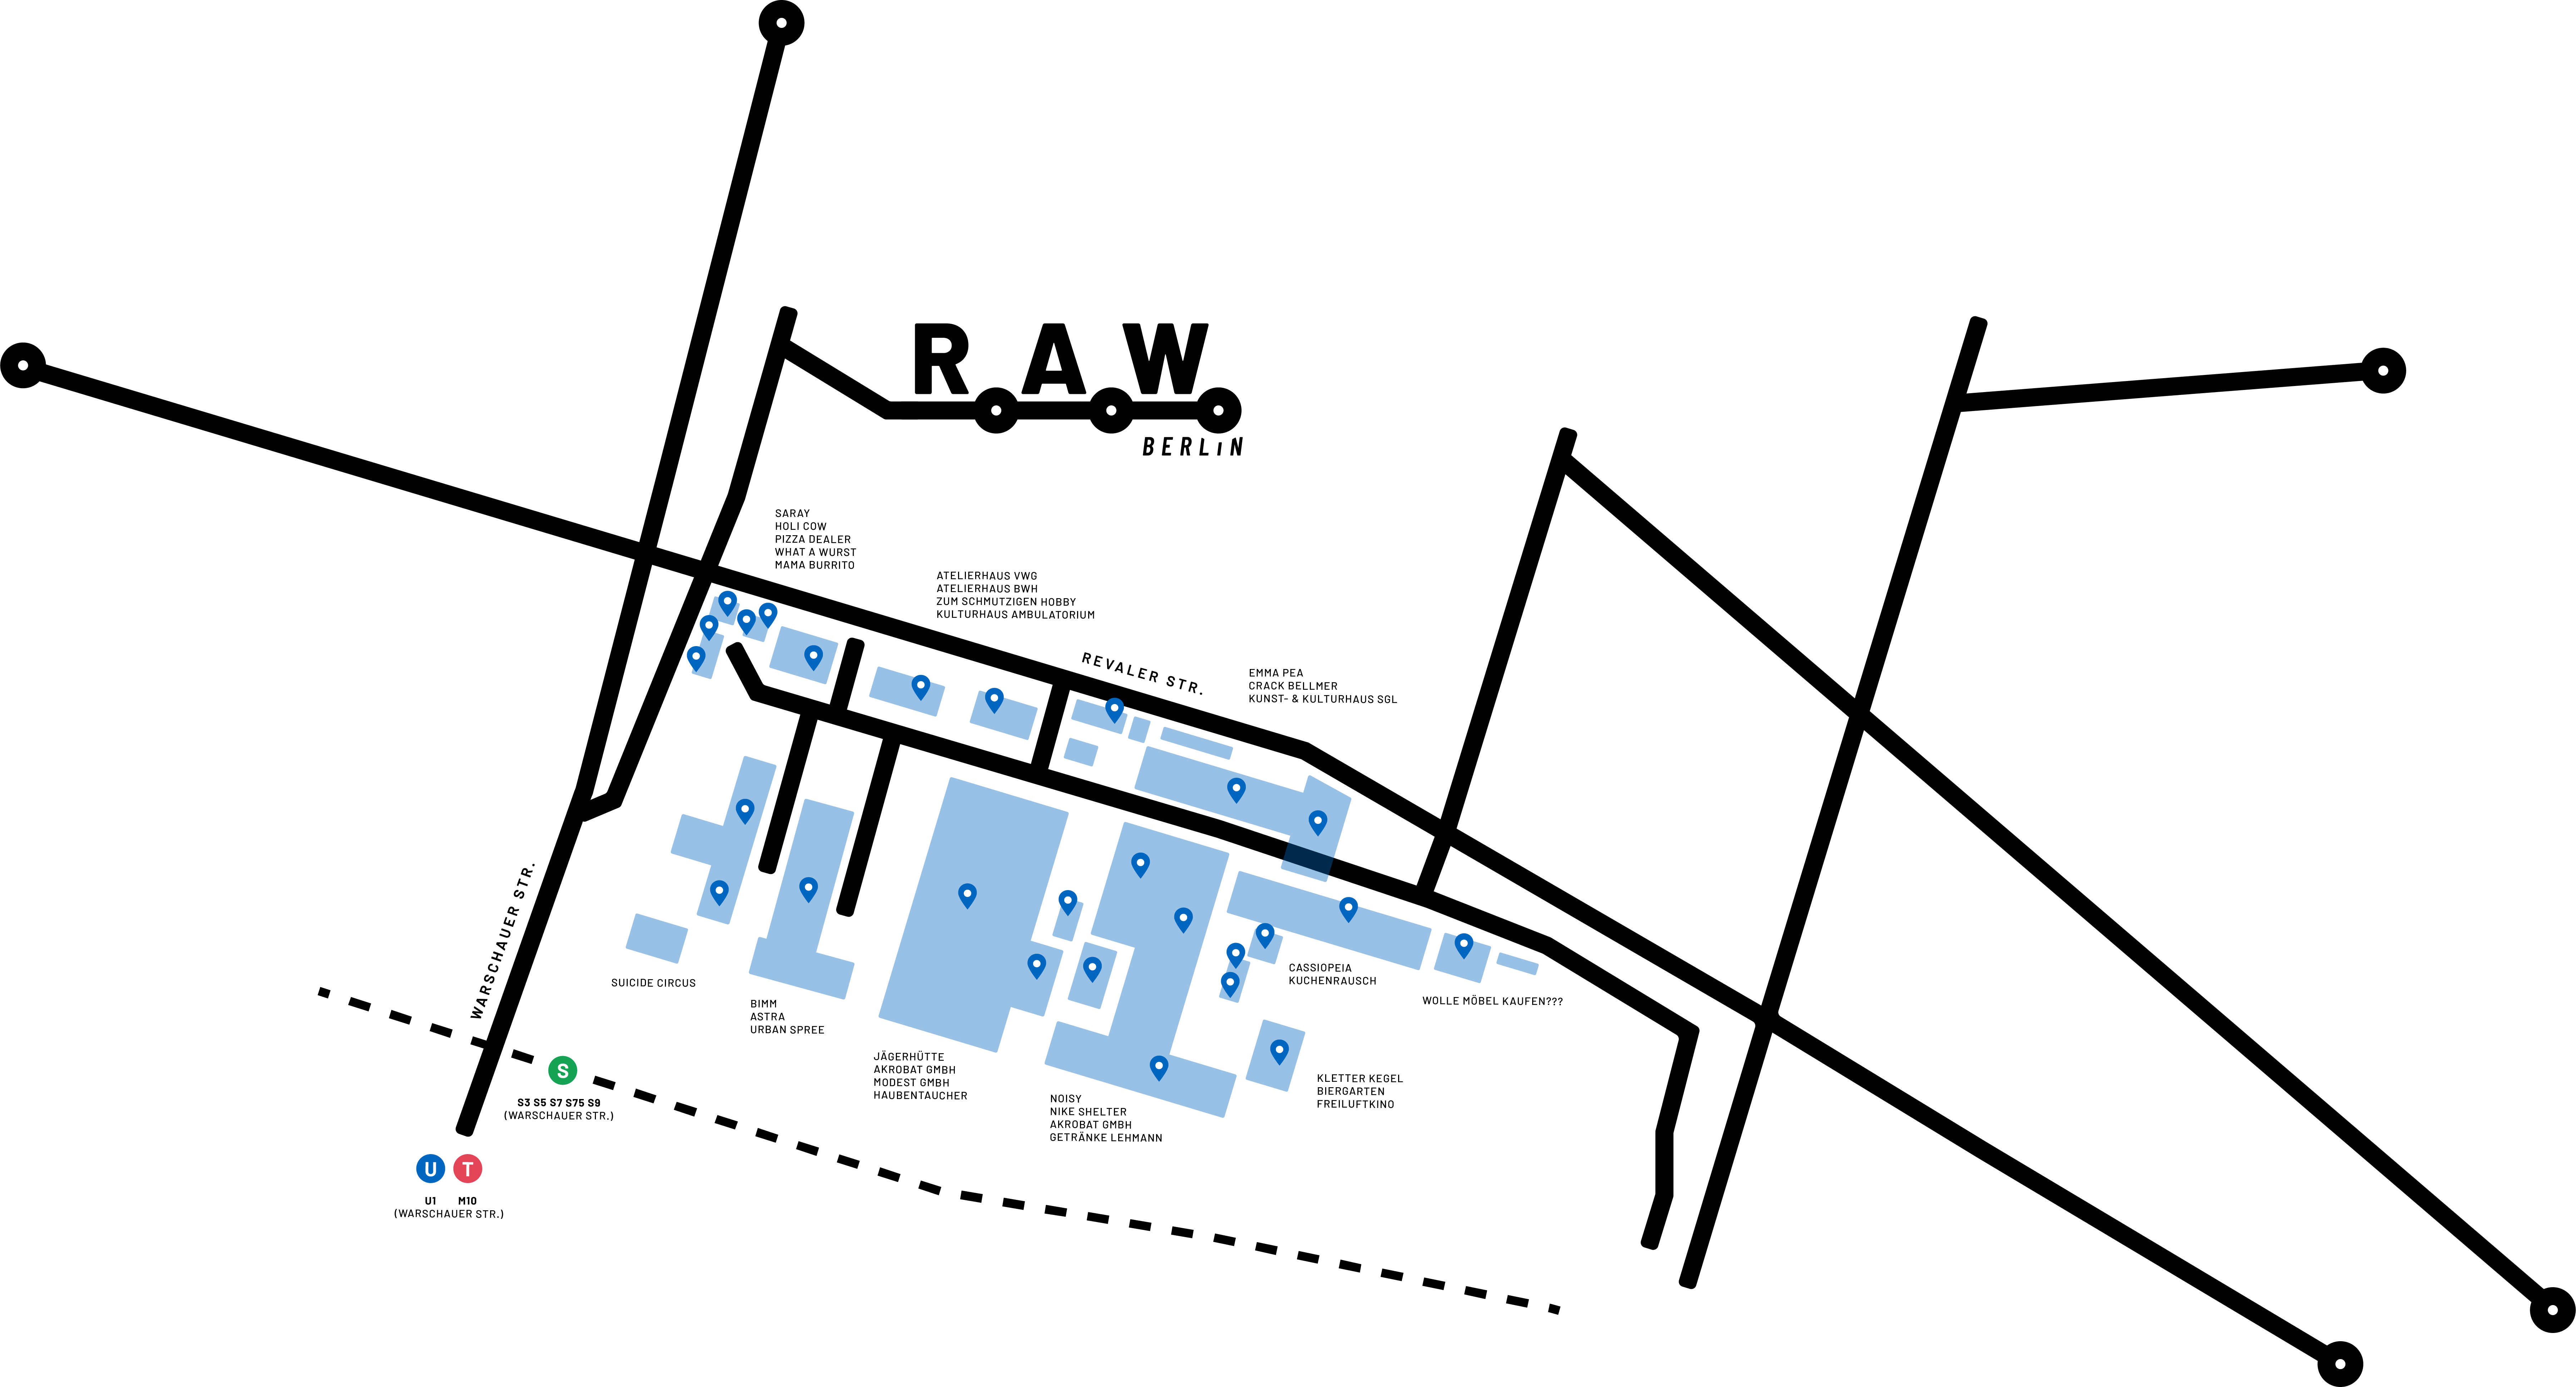 Über das R.A.W. | R.A.W. Berlin